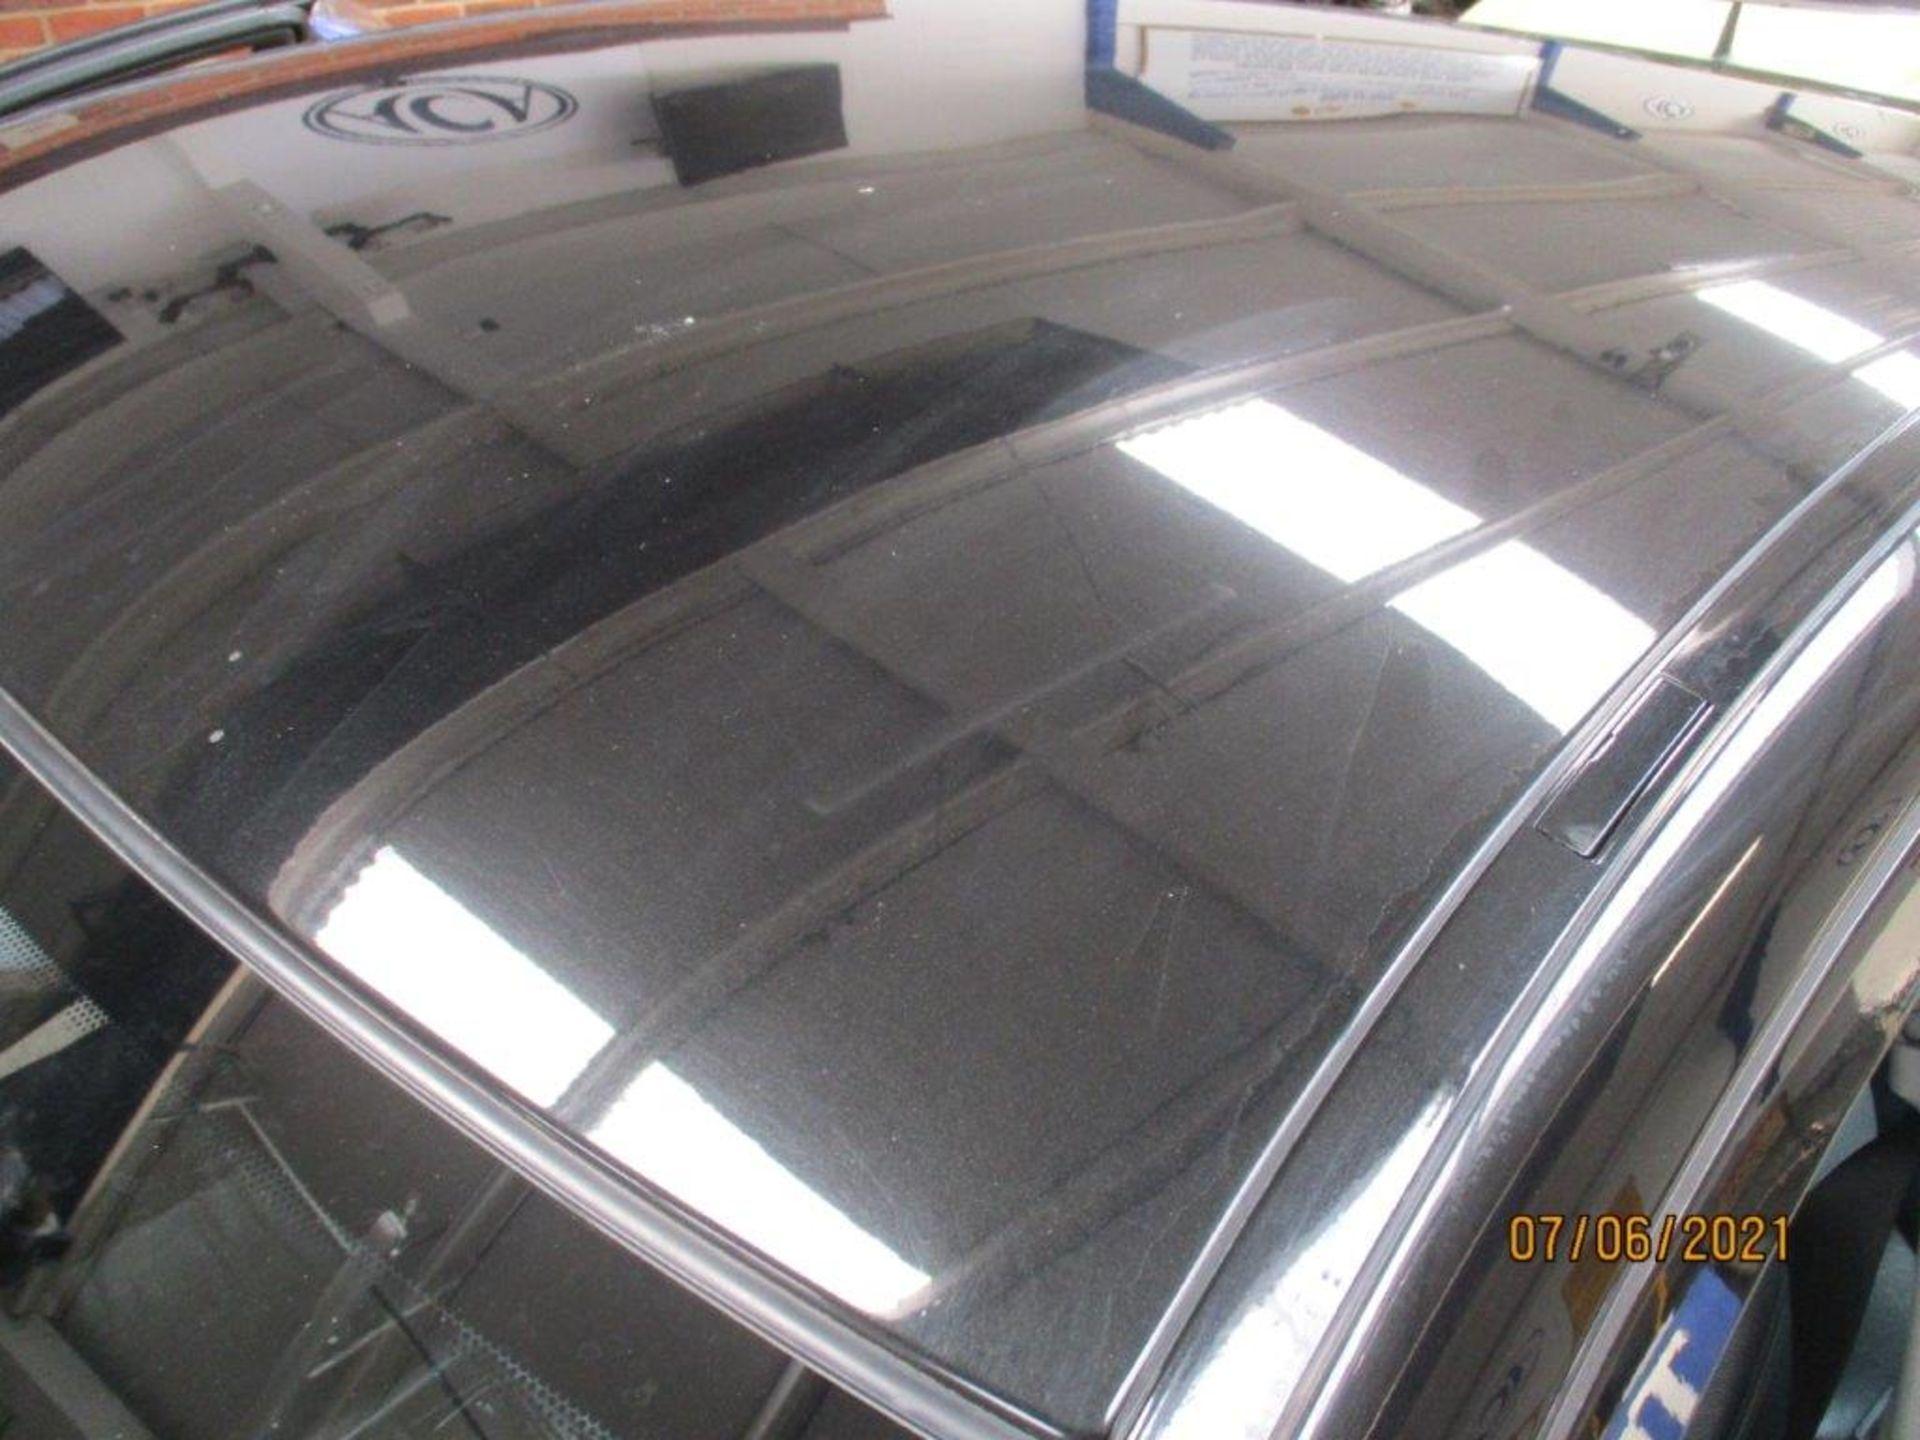 55 05 Mercedes E320 CDI Avantagarde - Image 6 of 19